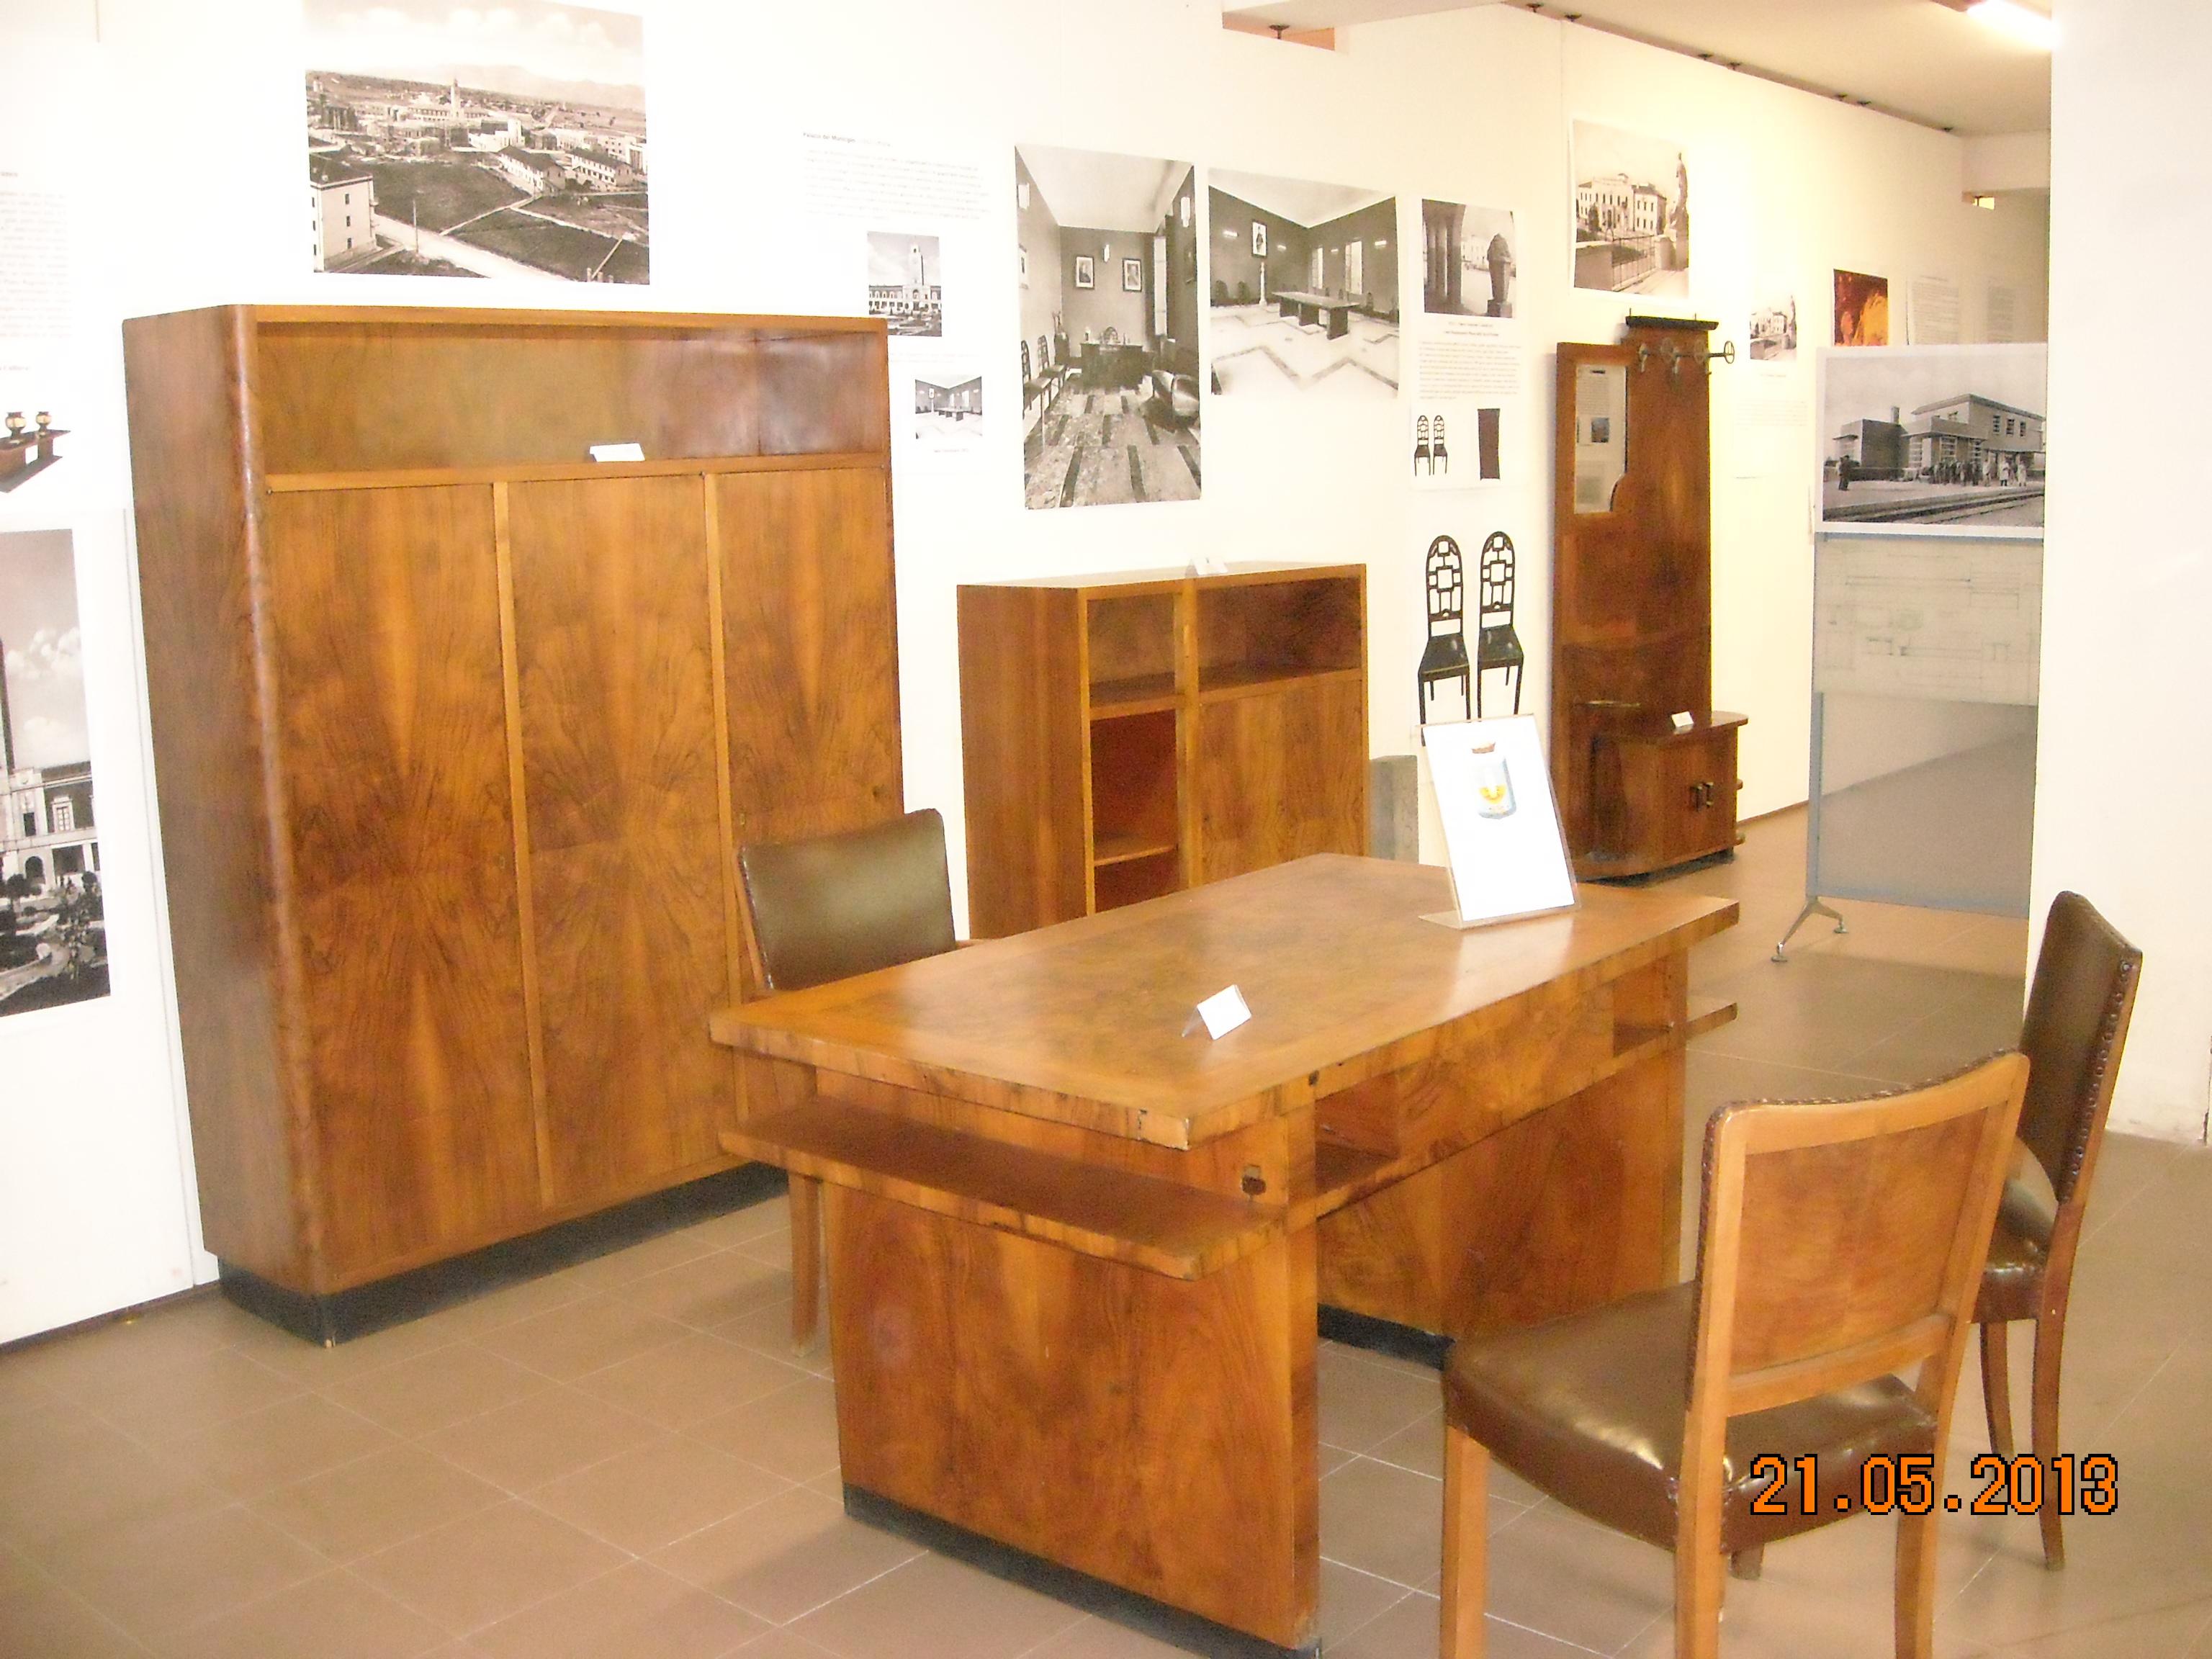 Design E Arredamento D Interni.La Biblioteca Albenziana Di Latina Presenta Arredi E Design